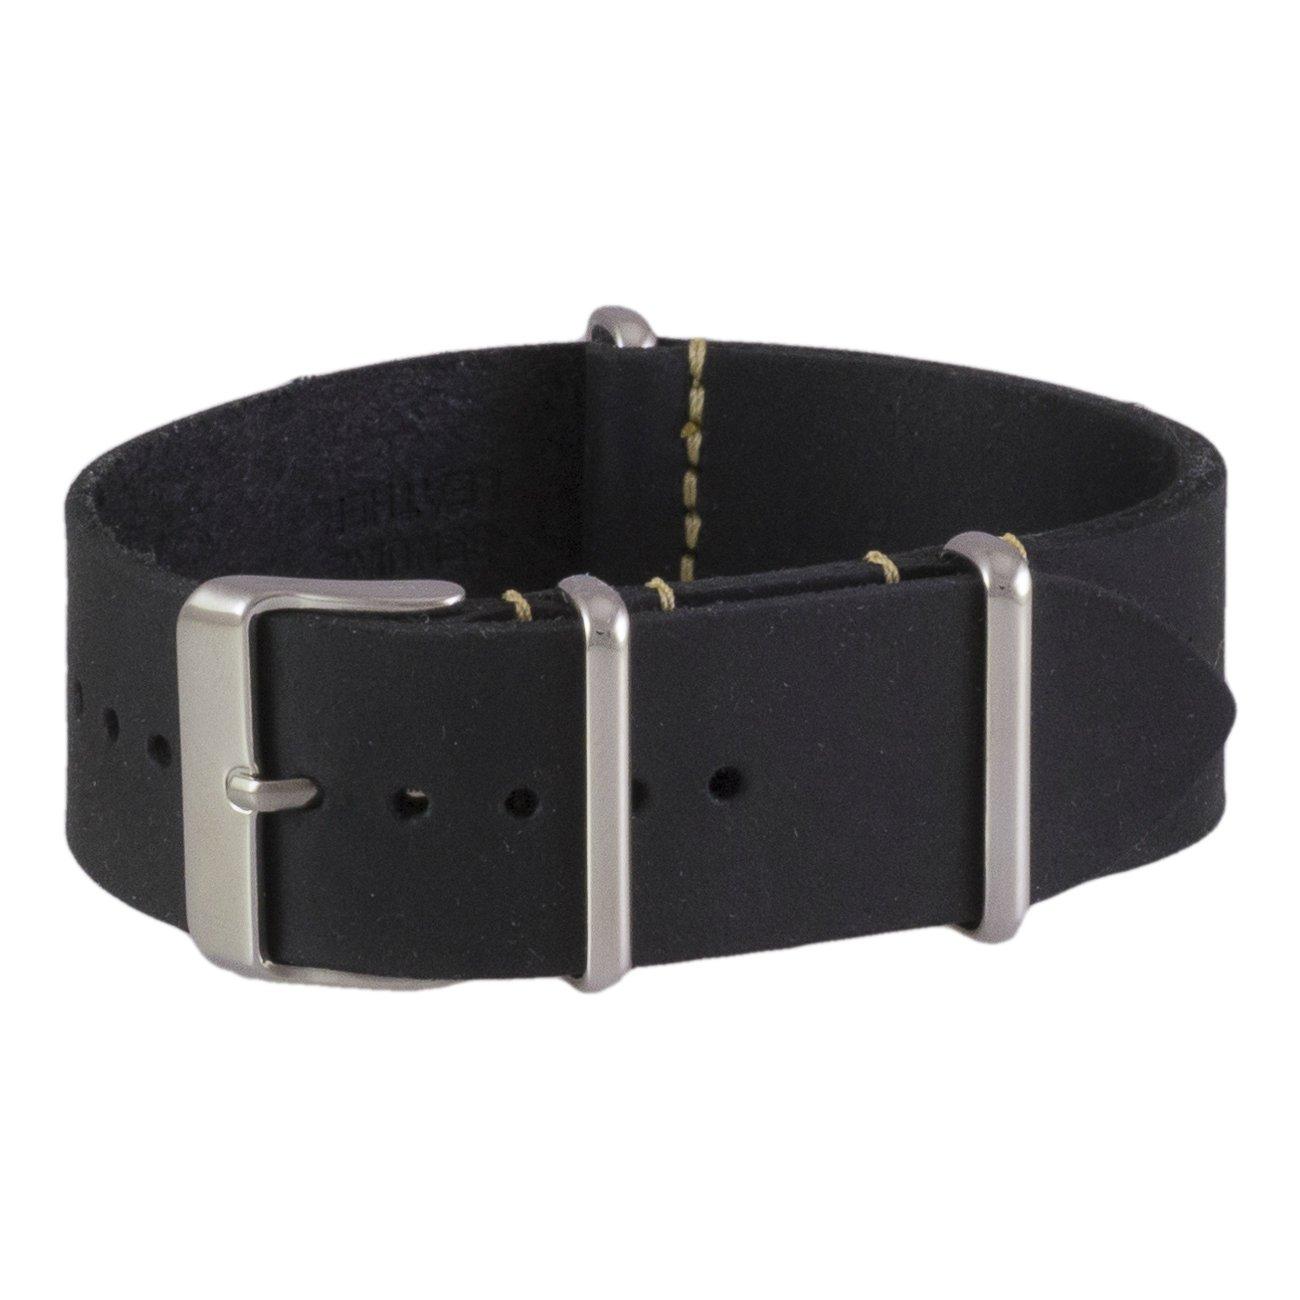 ベンチマークストラップの18、20、22、24mmオイルレザー NATOスタイル腕時計バンドです。(カラーバリエーションがあります。) 22mm ブラックレザー Black Leather Black Leather B01LWMJDQH